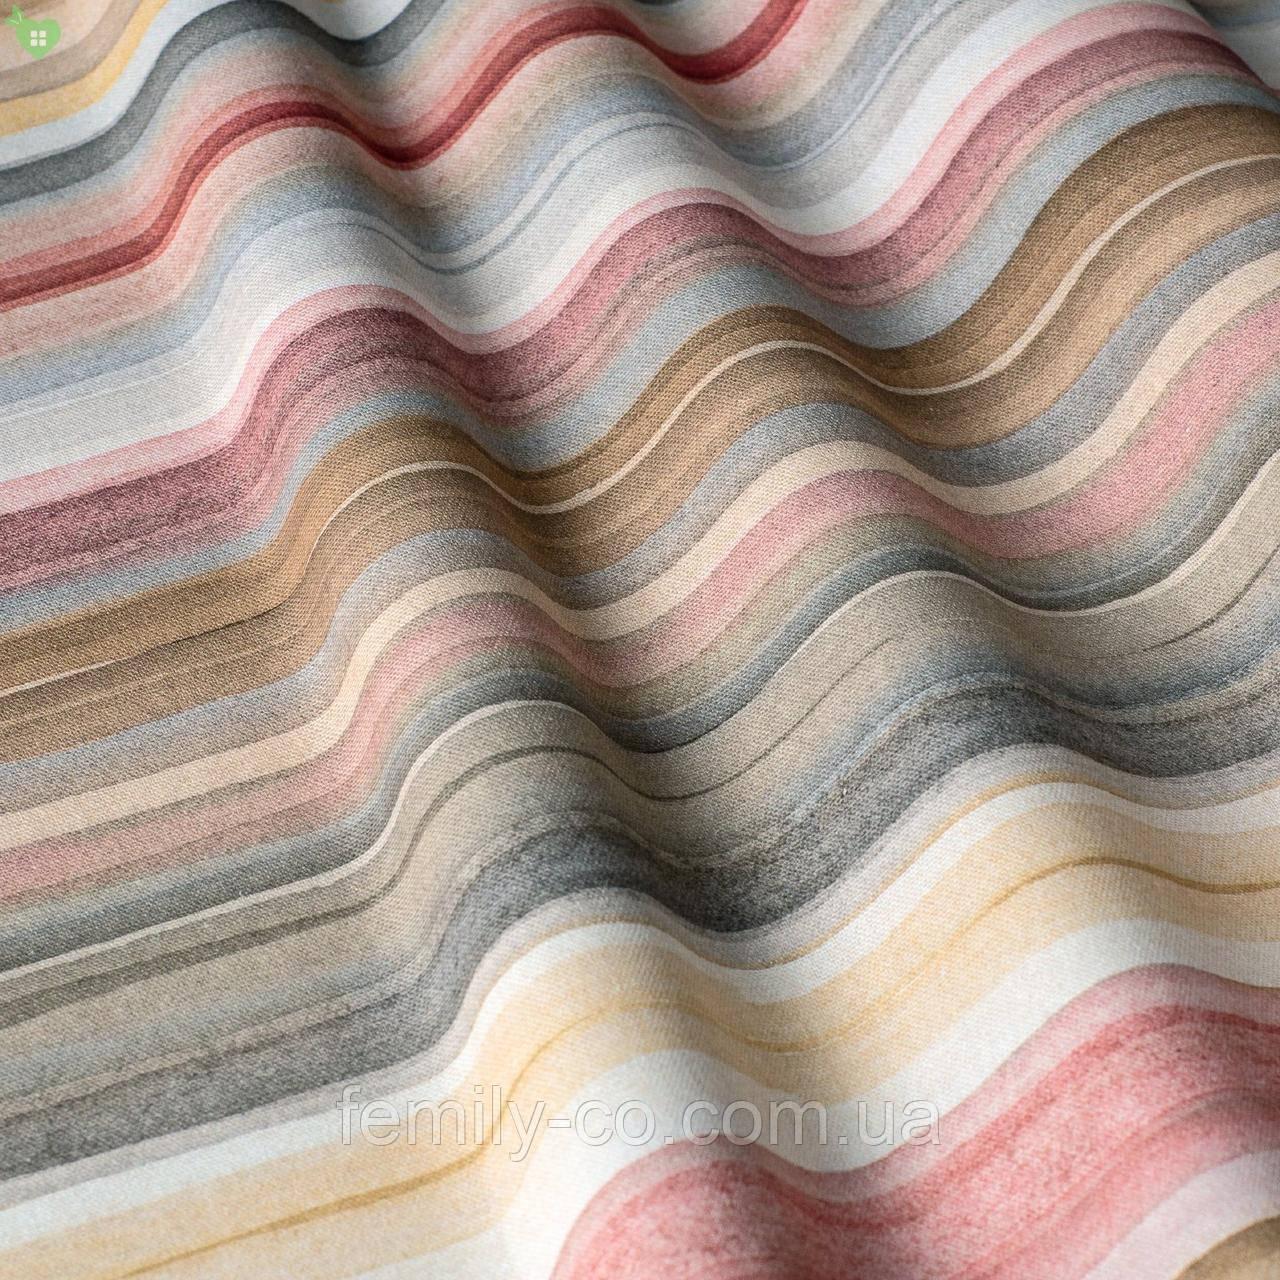 Декоративная ткань в разноцветную полоску для покрывала в детскую 84307v1